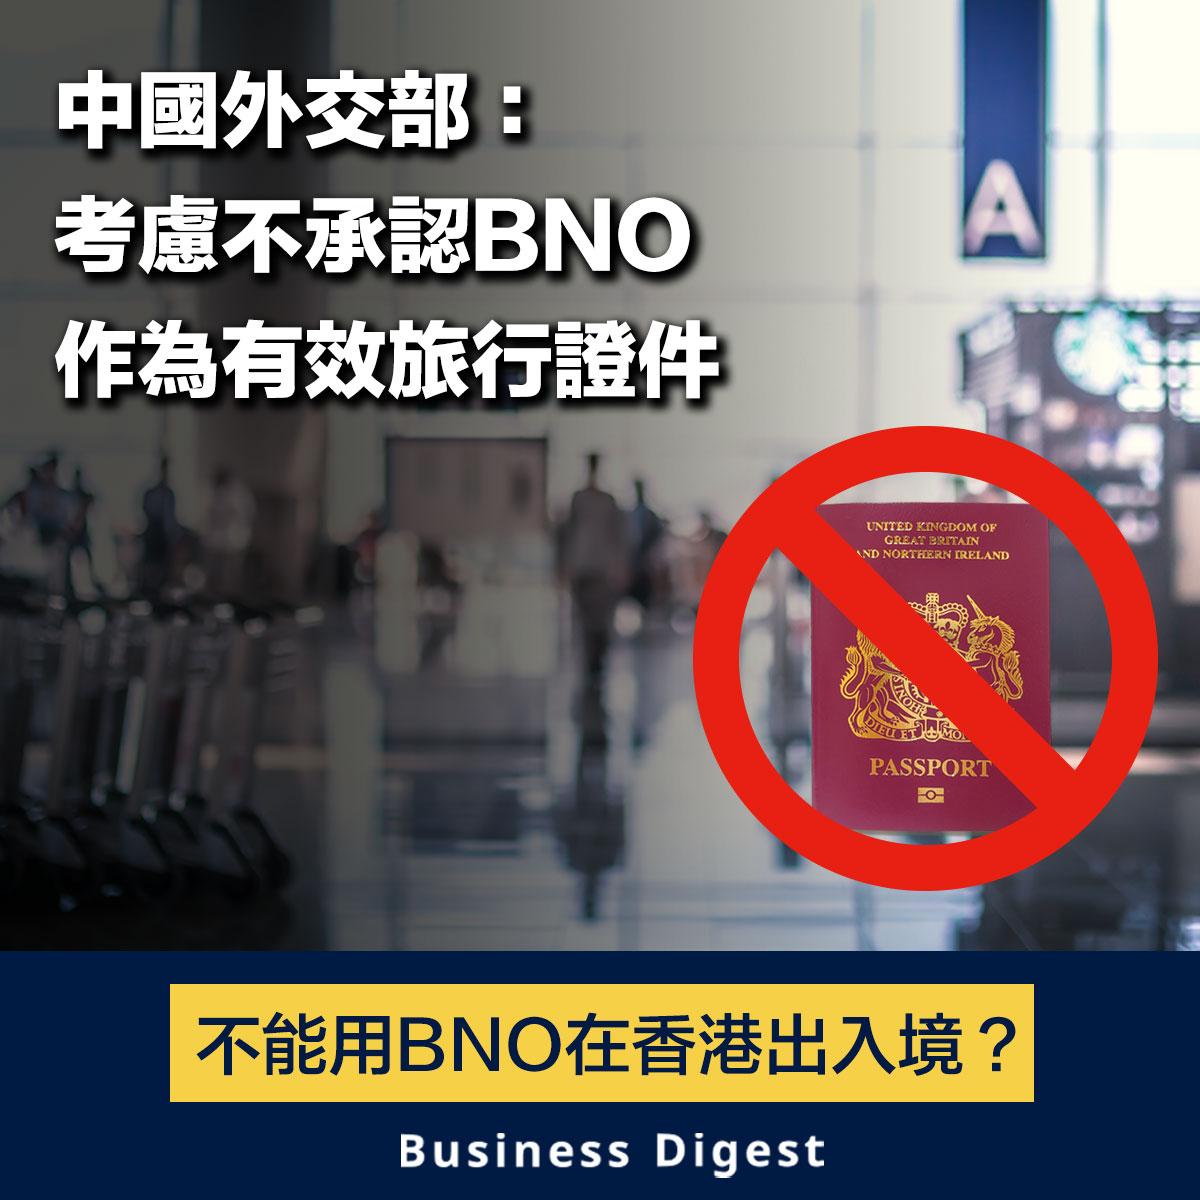 【商業熱話】中國外交部:中方考慮不承認BNO作為有效旅行證件